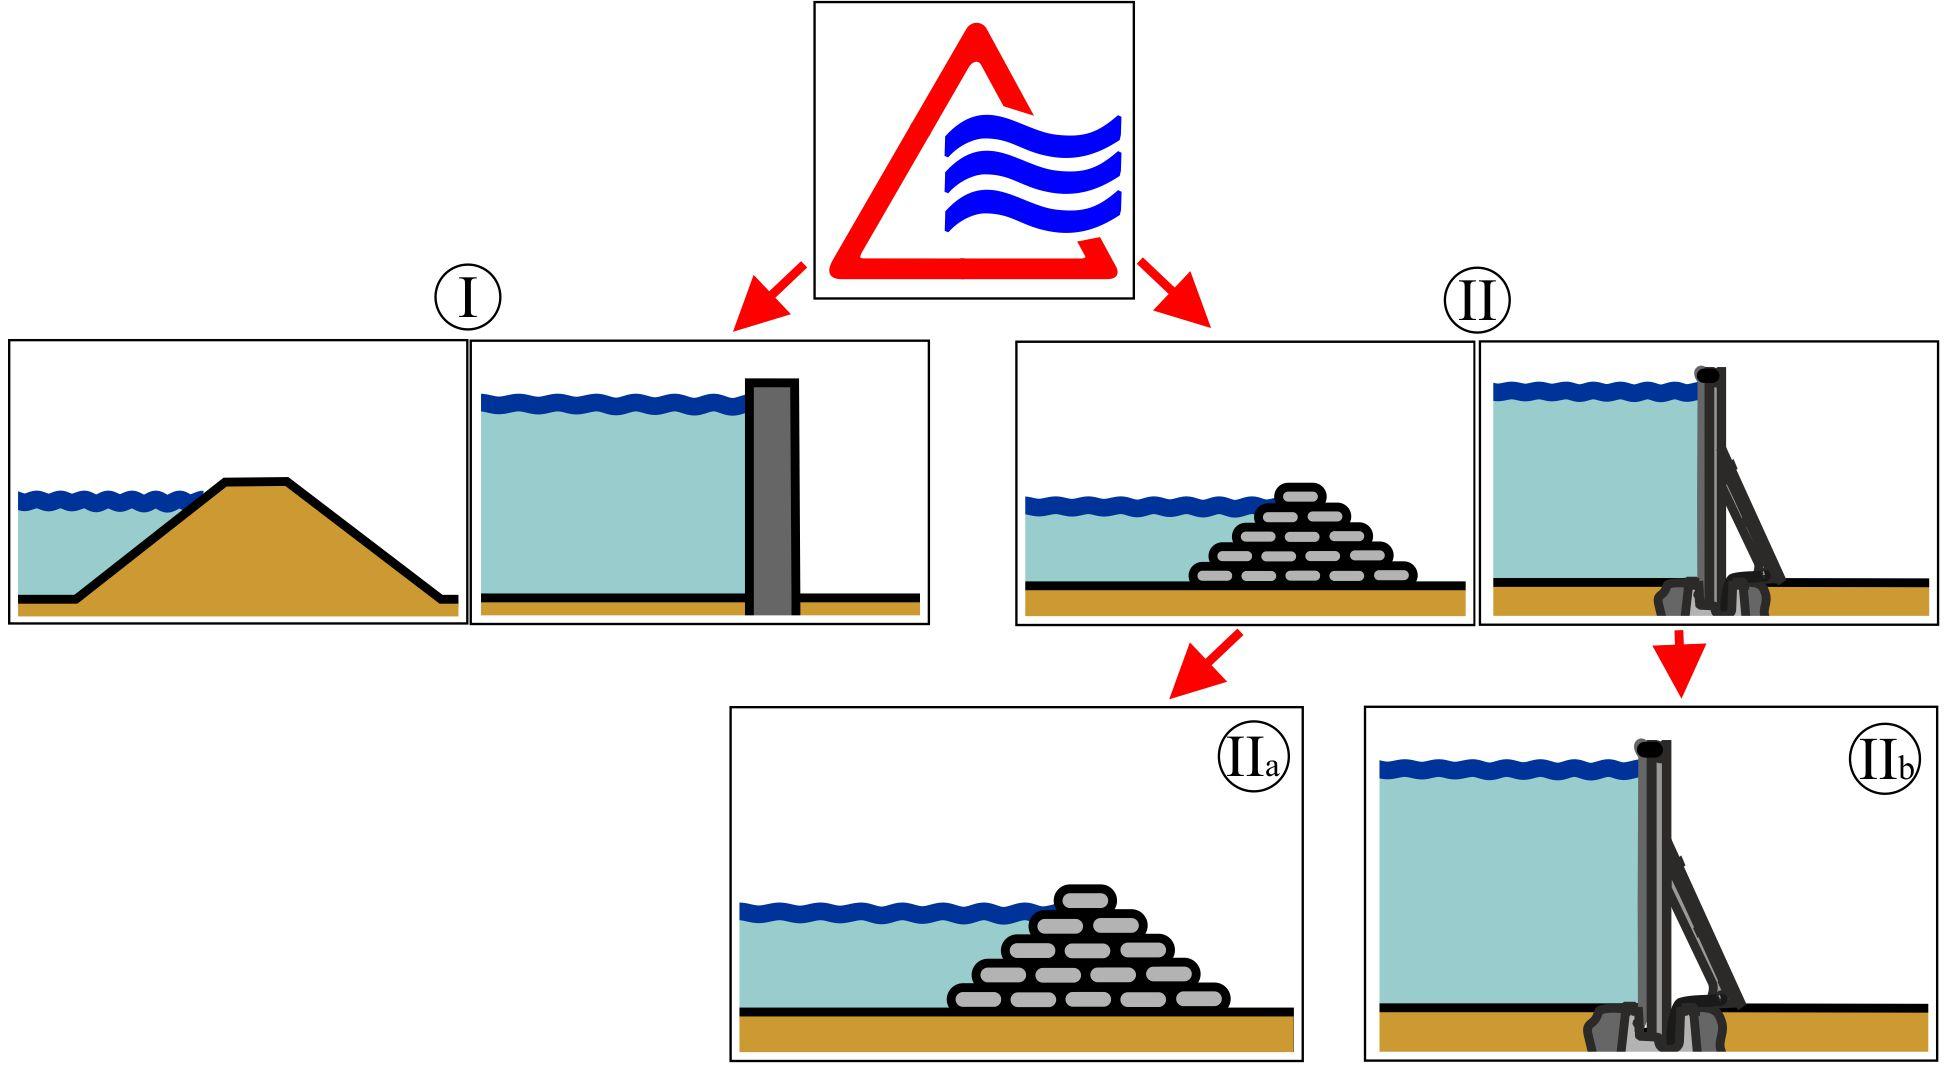 Verschiedene Hochwasserschutzlösungen in einer kleinen Übersicht